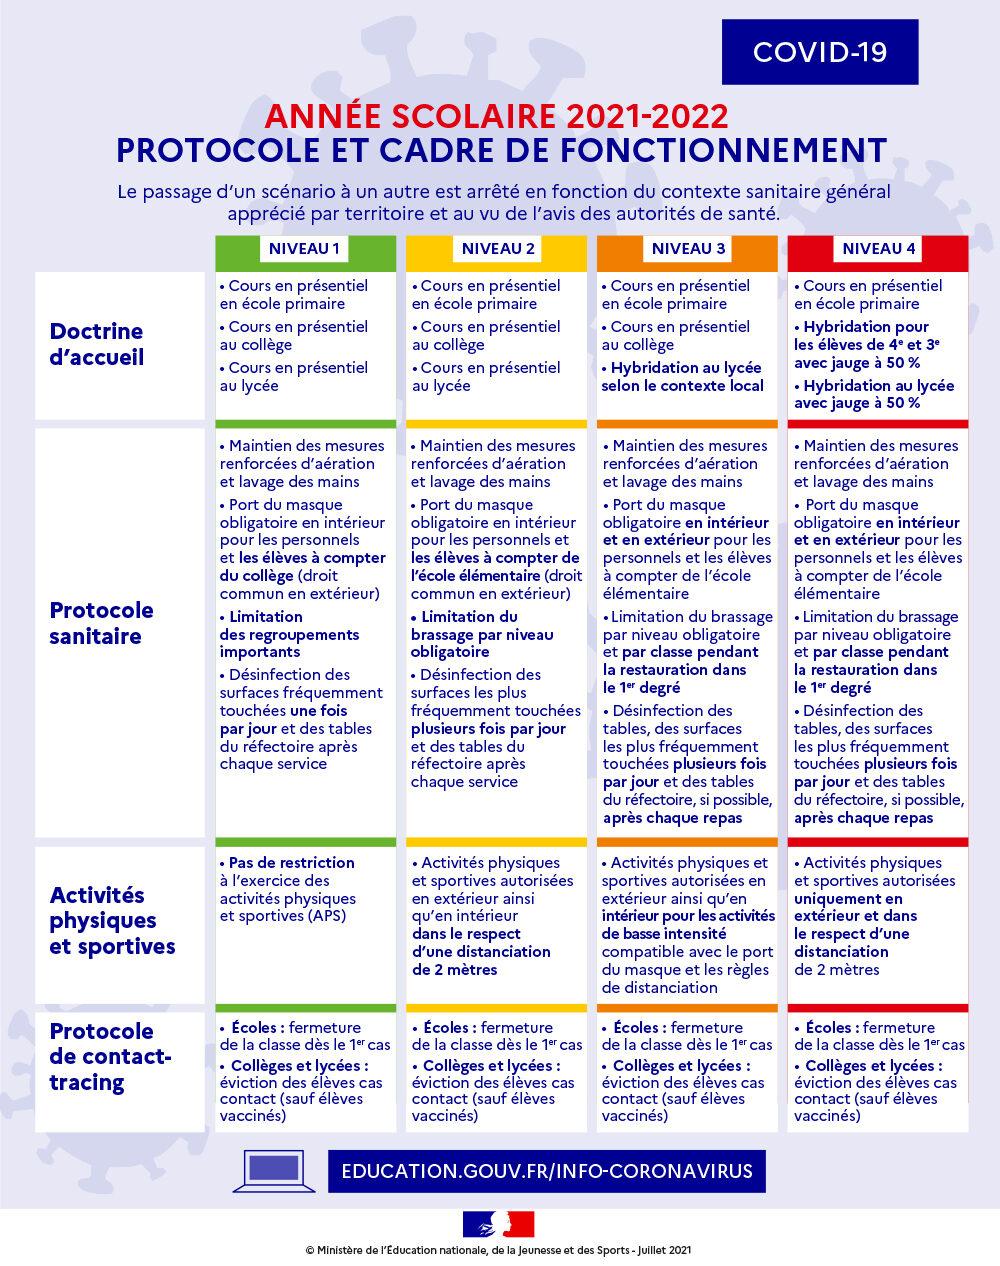 ann-e-scolaire-2021-2022-protocole-et-cadre-de-fonctionnement-91424_3.jpg